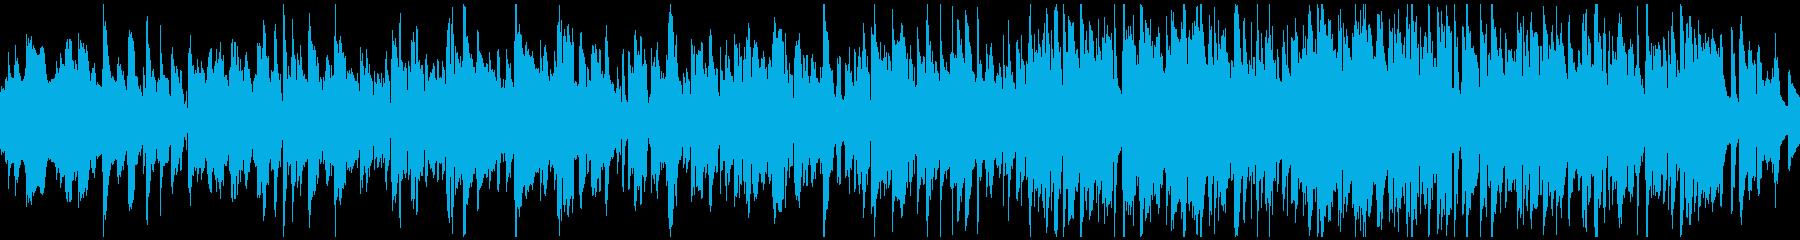 幸せな雰囲気の素敵ジャズワルツ※ループ版の再生済みの波形